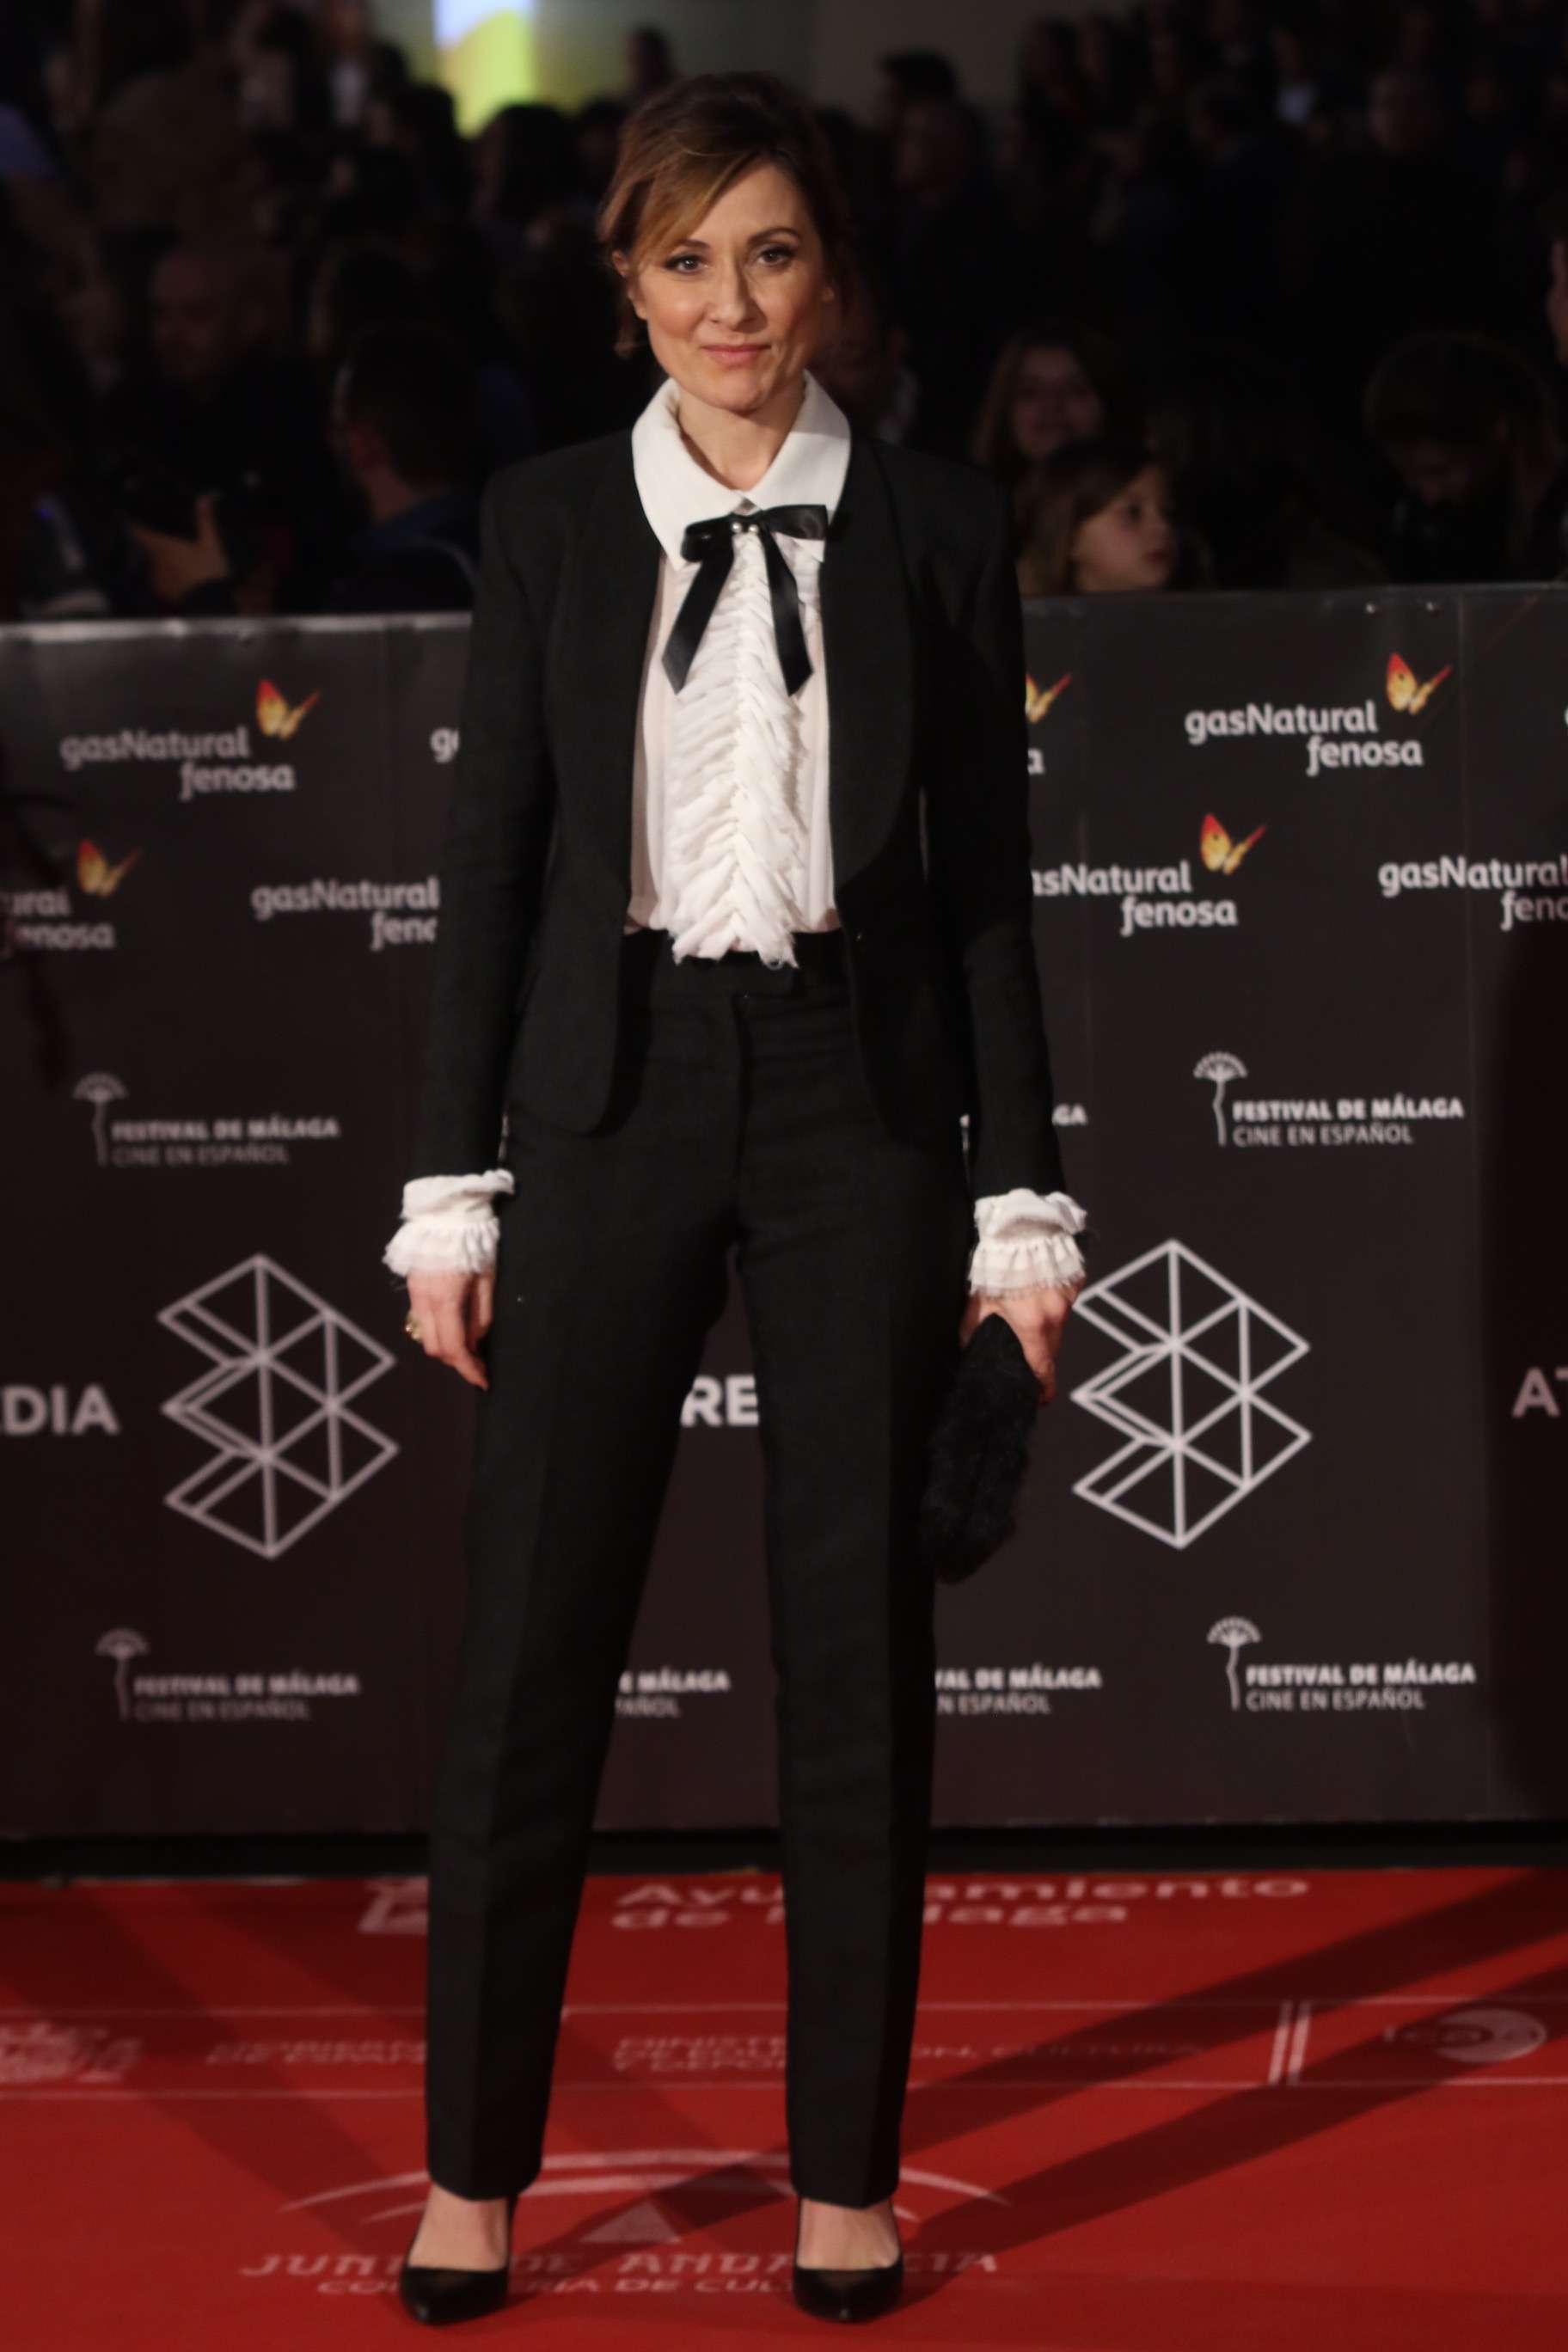 Natali Pozas posa en alfombra roja de la 20 edicición del festival de cine en español en Malaga en la clausura